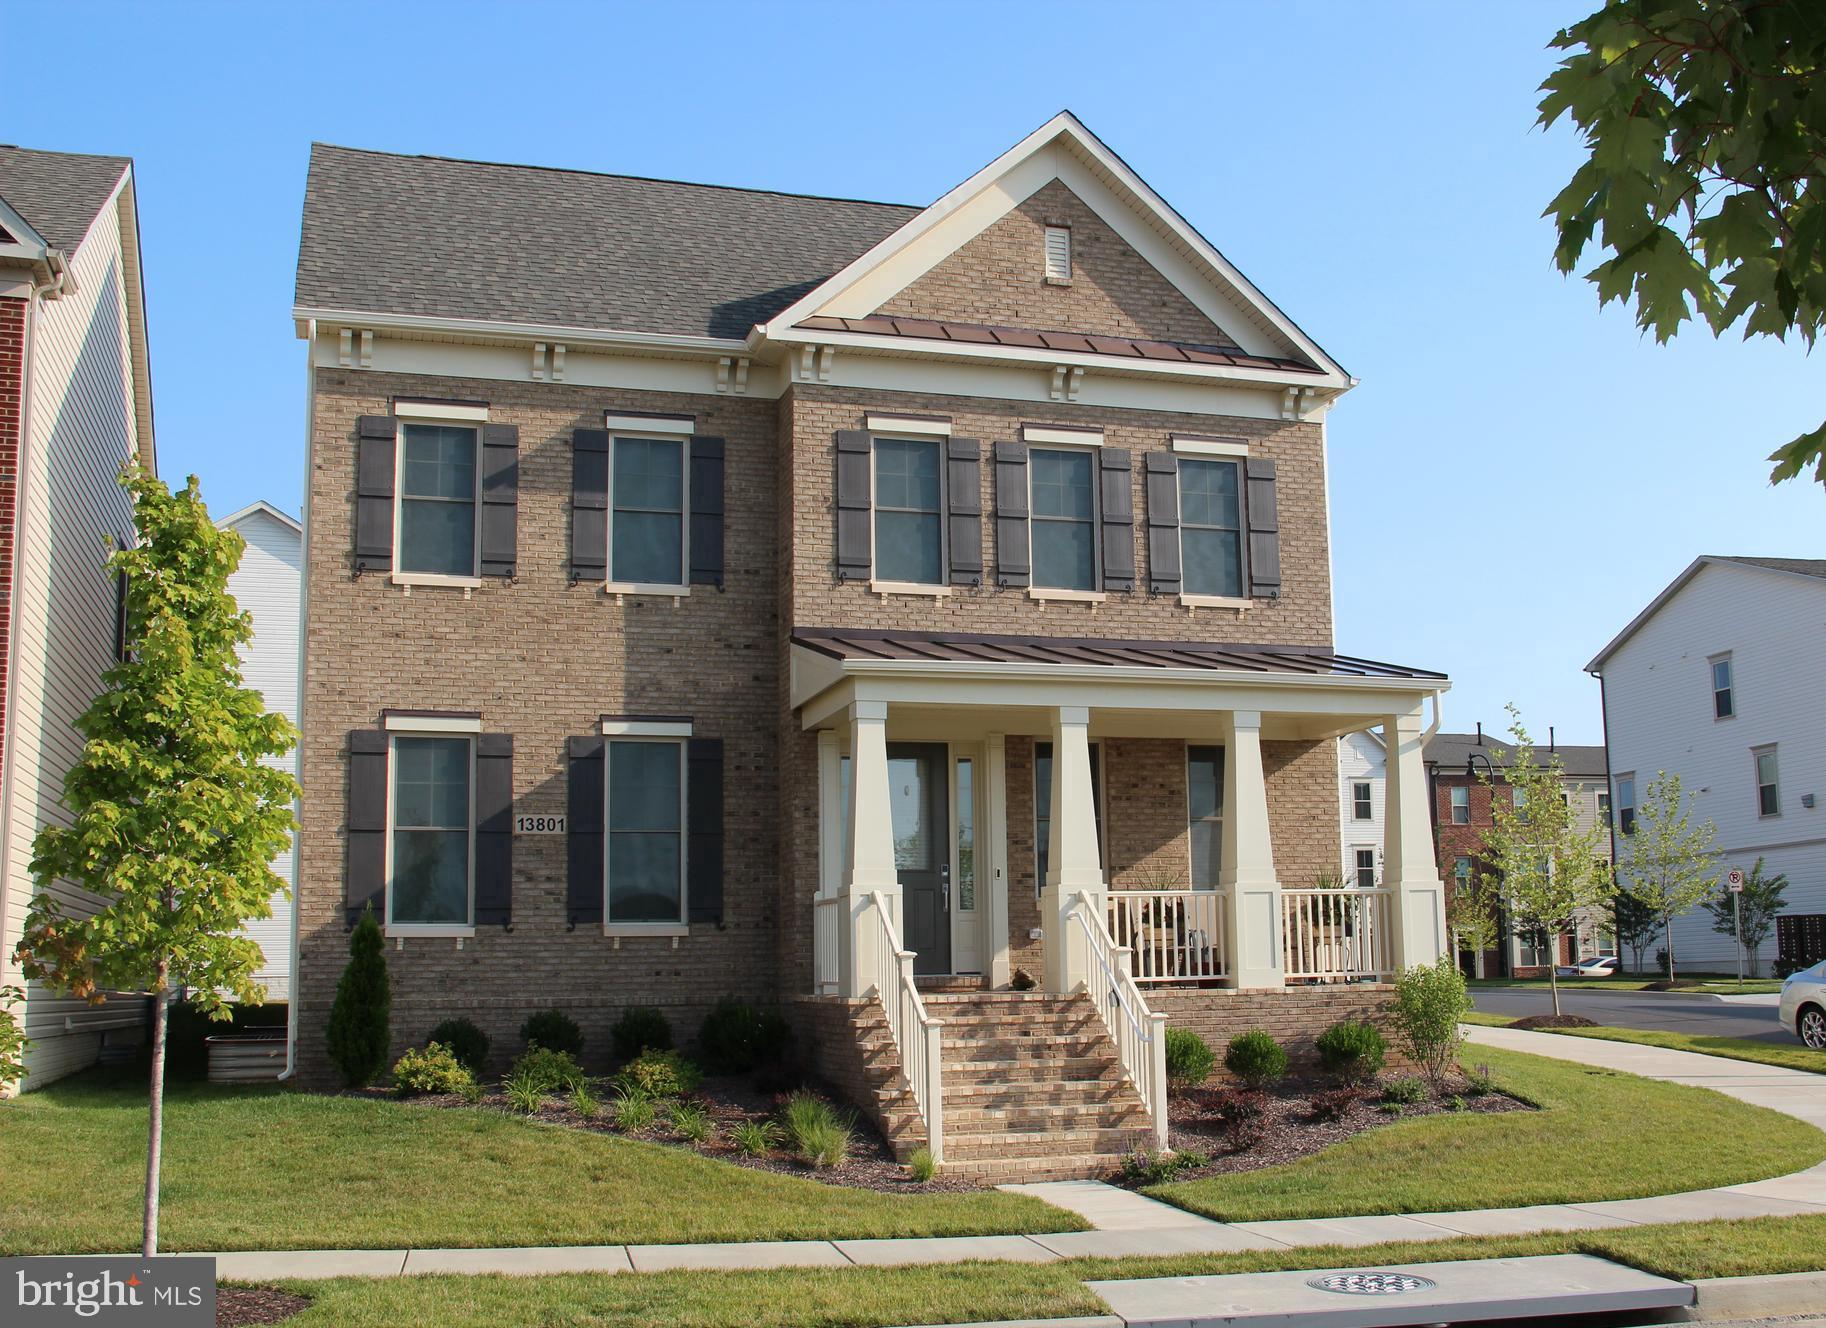 13801 BUFFLEHEAD STREET, CLARKSBURG, MD 20871